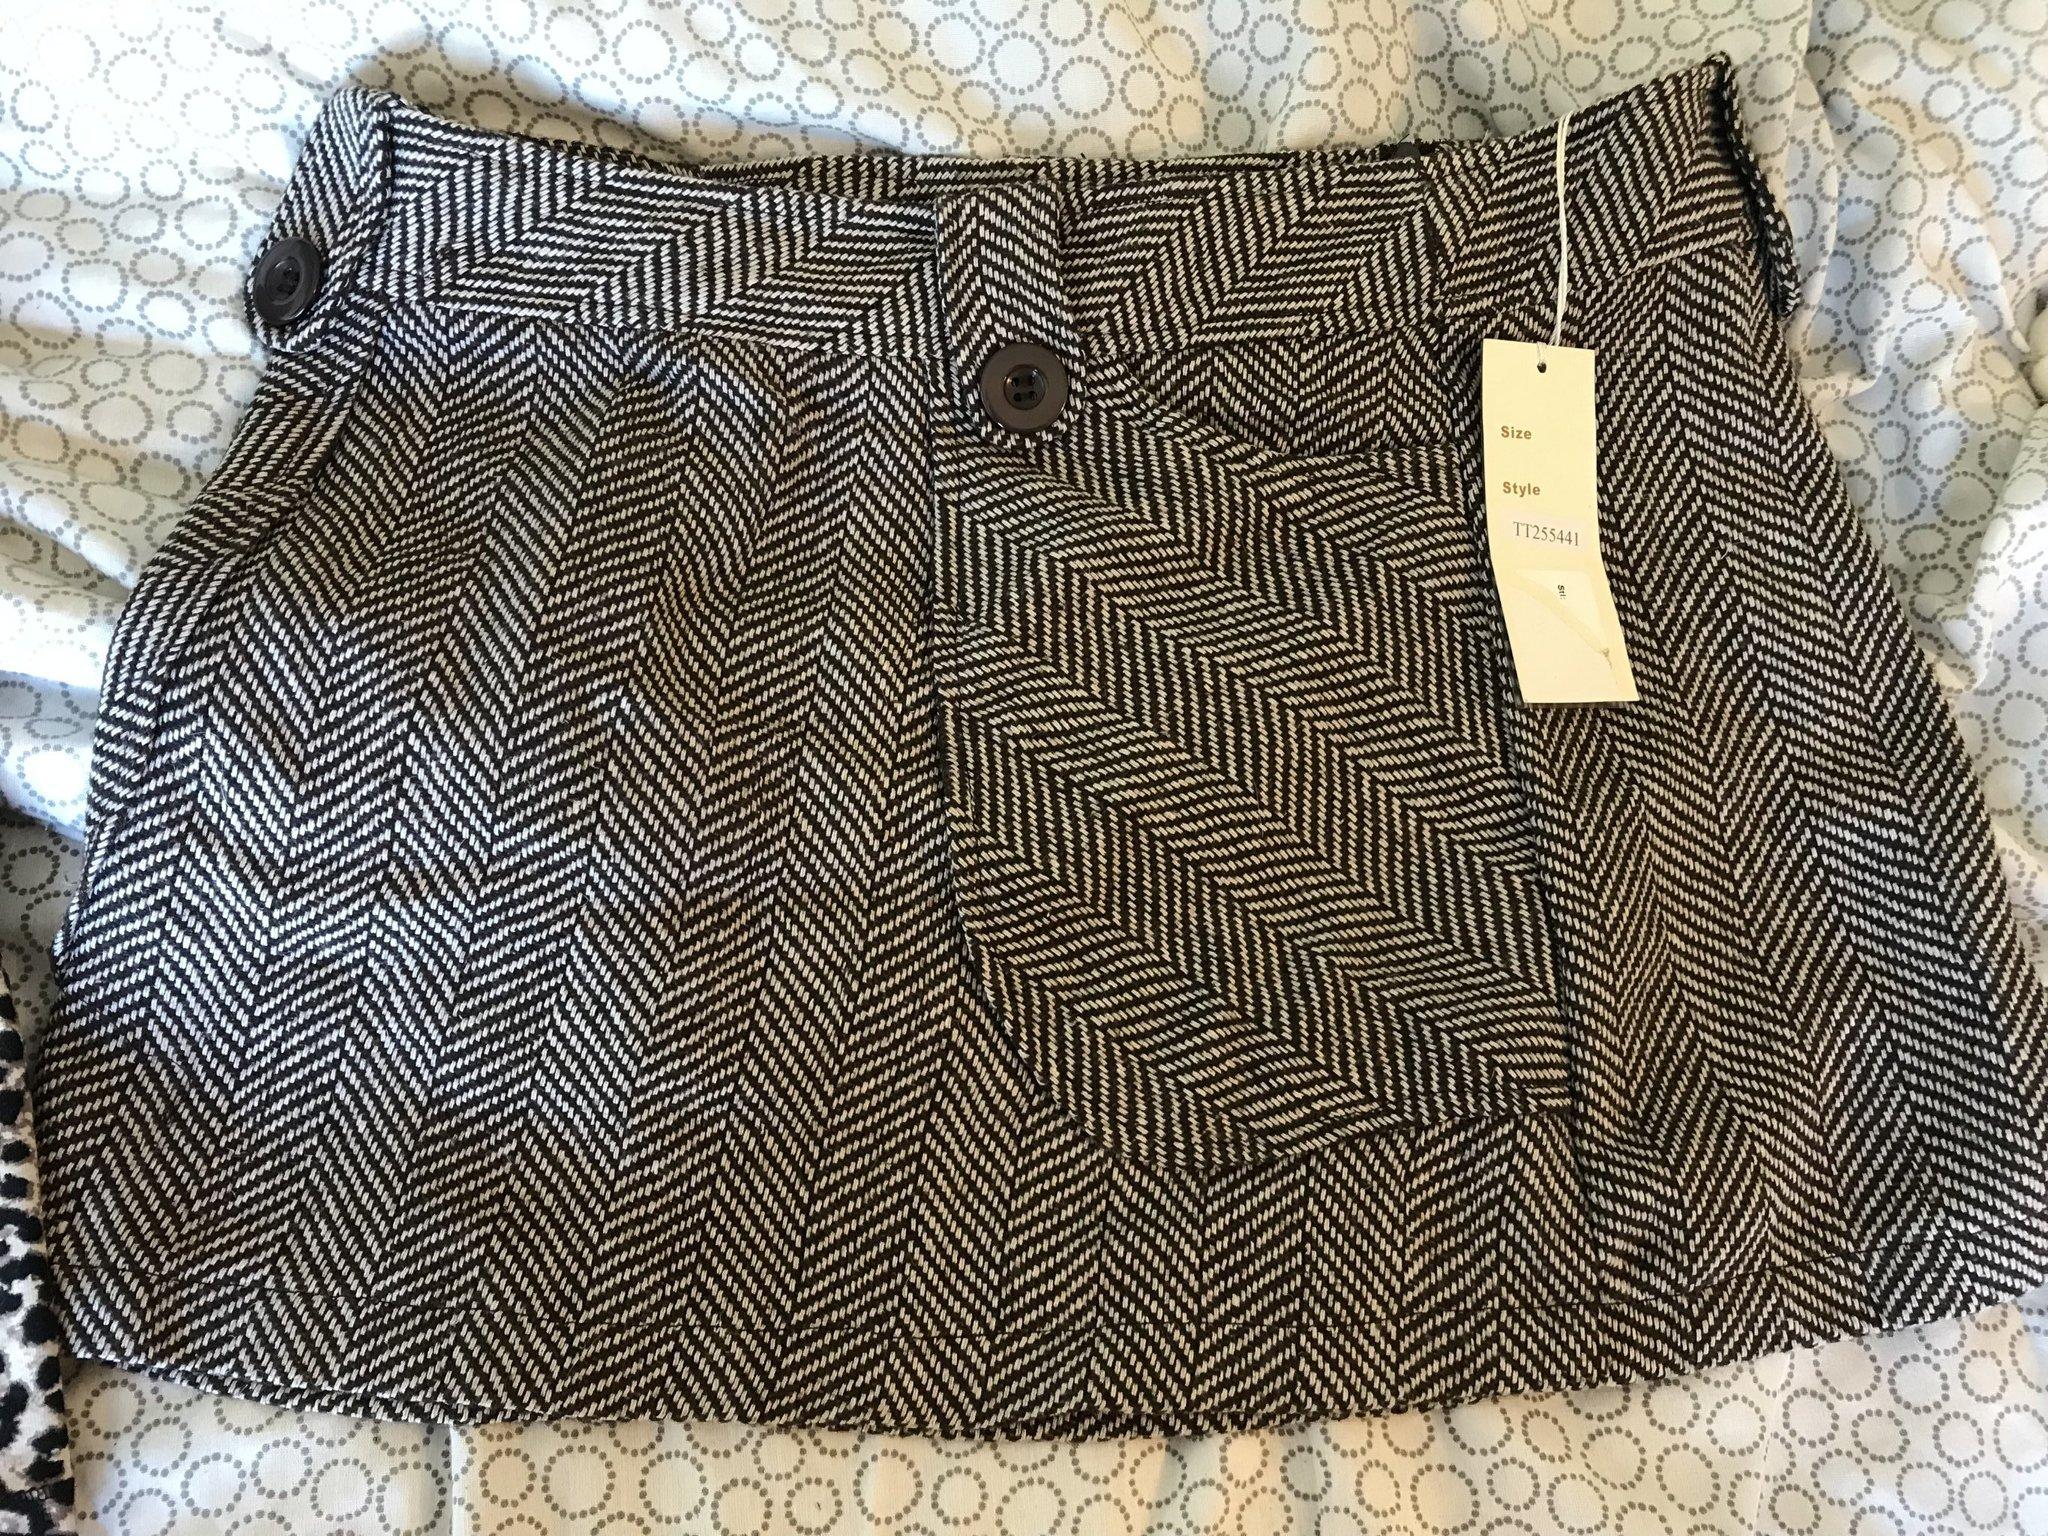 85a3b63ac8f6 Läcker kort kjol i rutigt tyg, NY tagg finns. (352982812) ᐈ Köp på ...